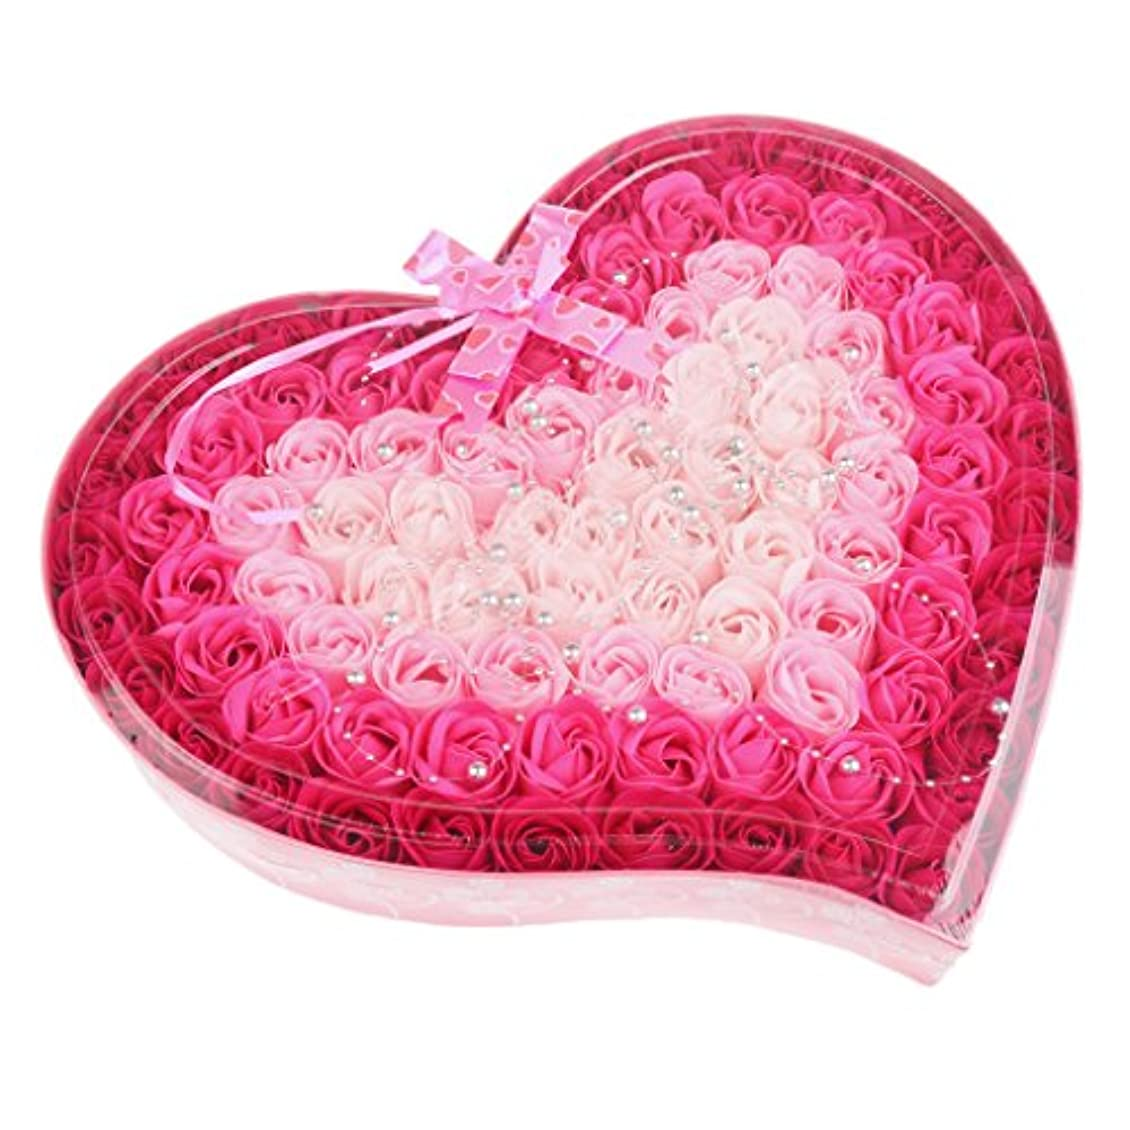 影のあるいまラブソープフラワー 石鹸花 造花 フラワー ギフトボックス 誕生日 母の日 記念日 先生の日 バレンタインデー プレゼント 全4色選べる - ピンク